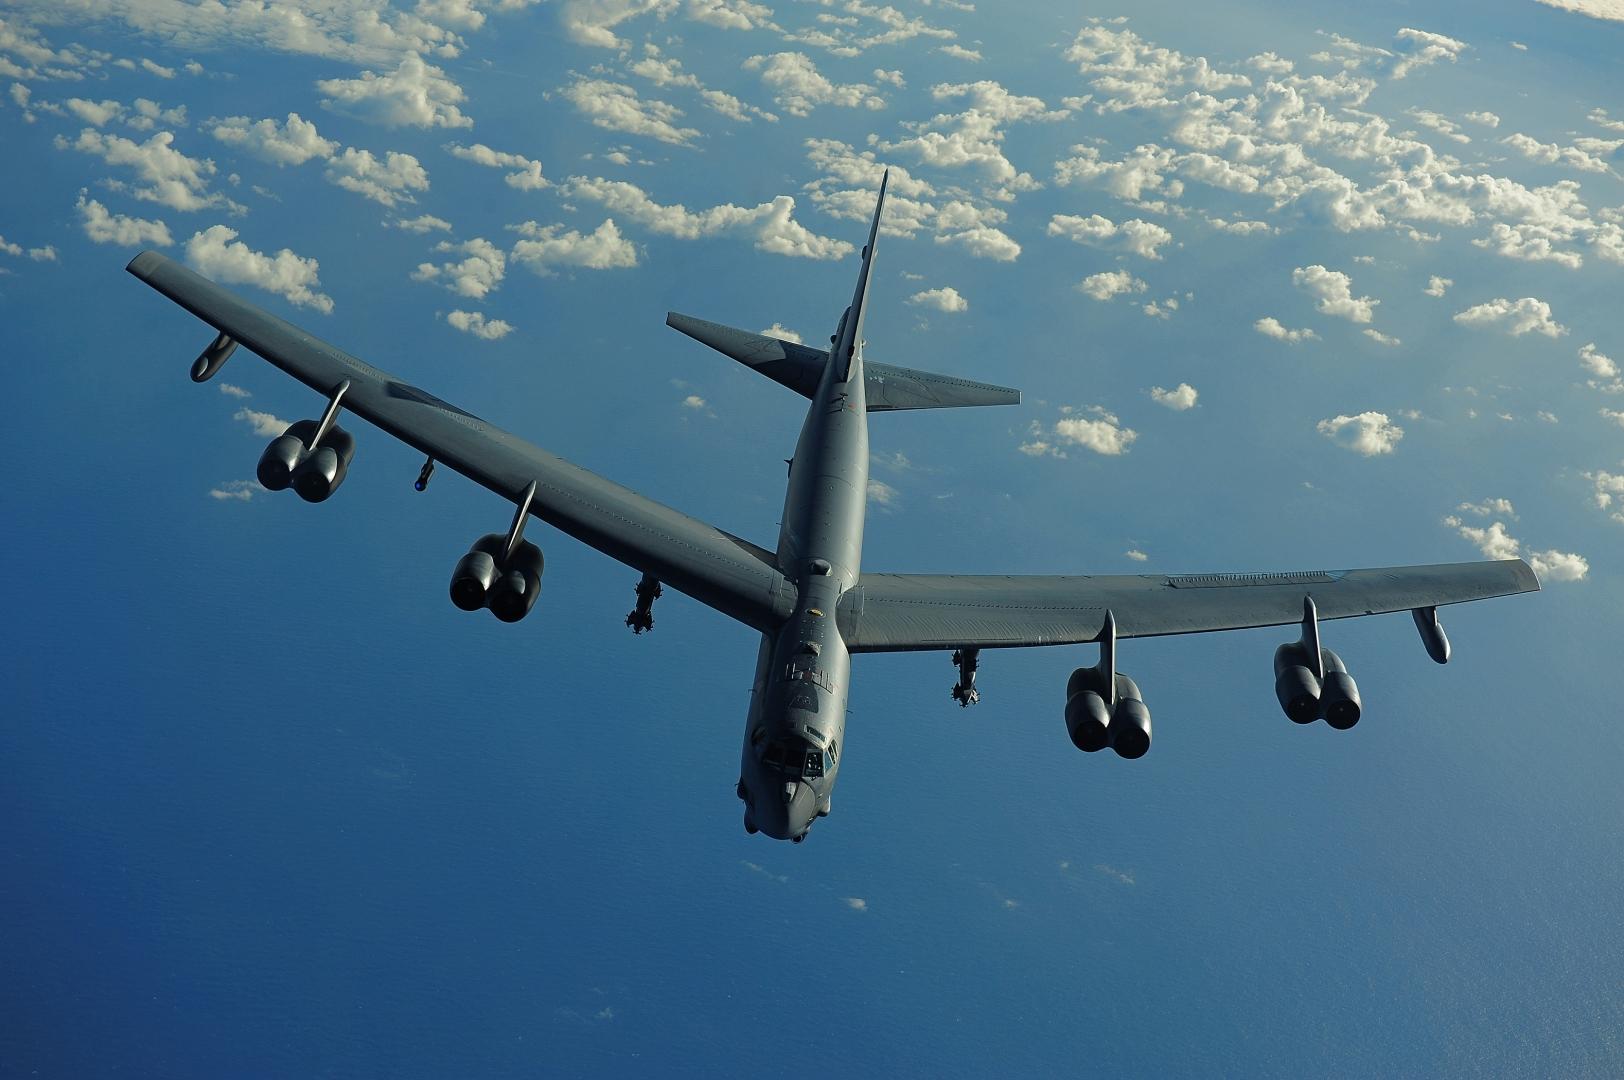 Бомбардировщики США B-52 летят на Донбасс – Россия не может выслать перехватчики из-за Украины